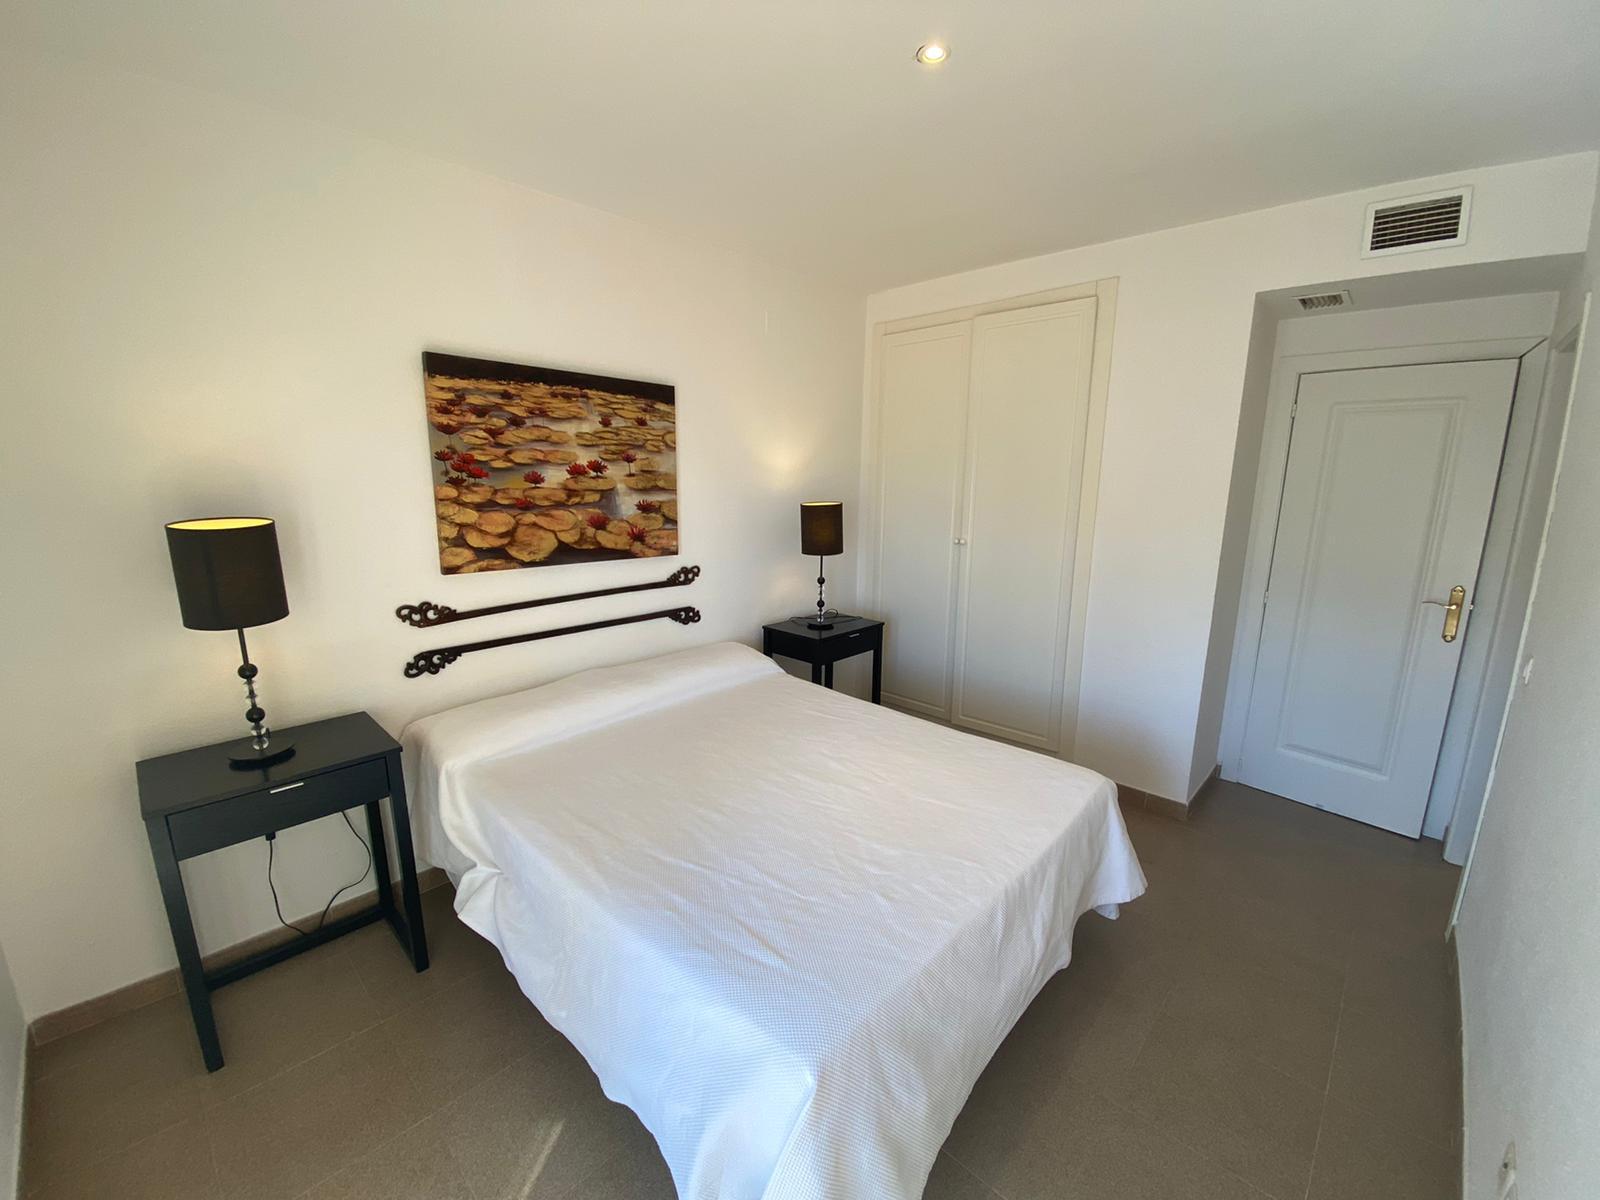 Imagen 25 del Apartamento Turístico, Ático 3 Levante, Frontal (4d+2b), Punta del Moral (HUELVA), Paseo de la Cruz nº22